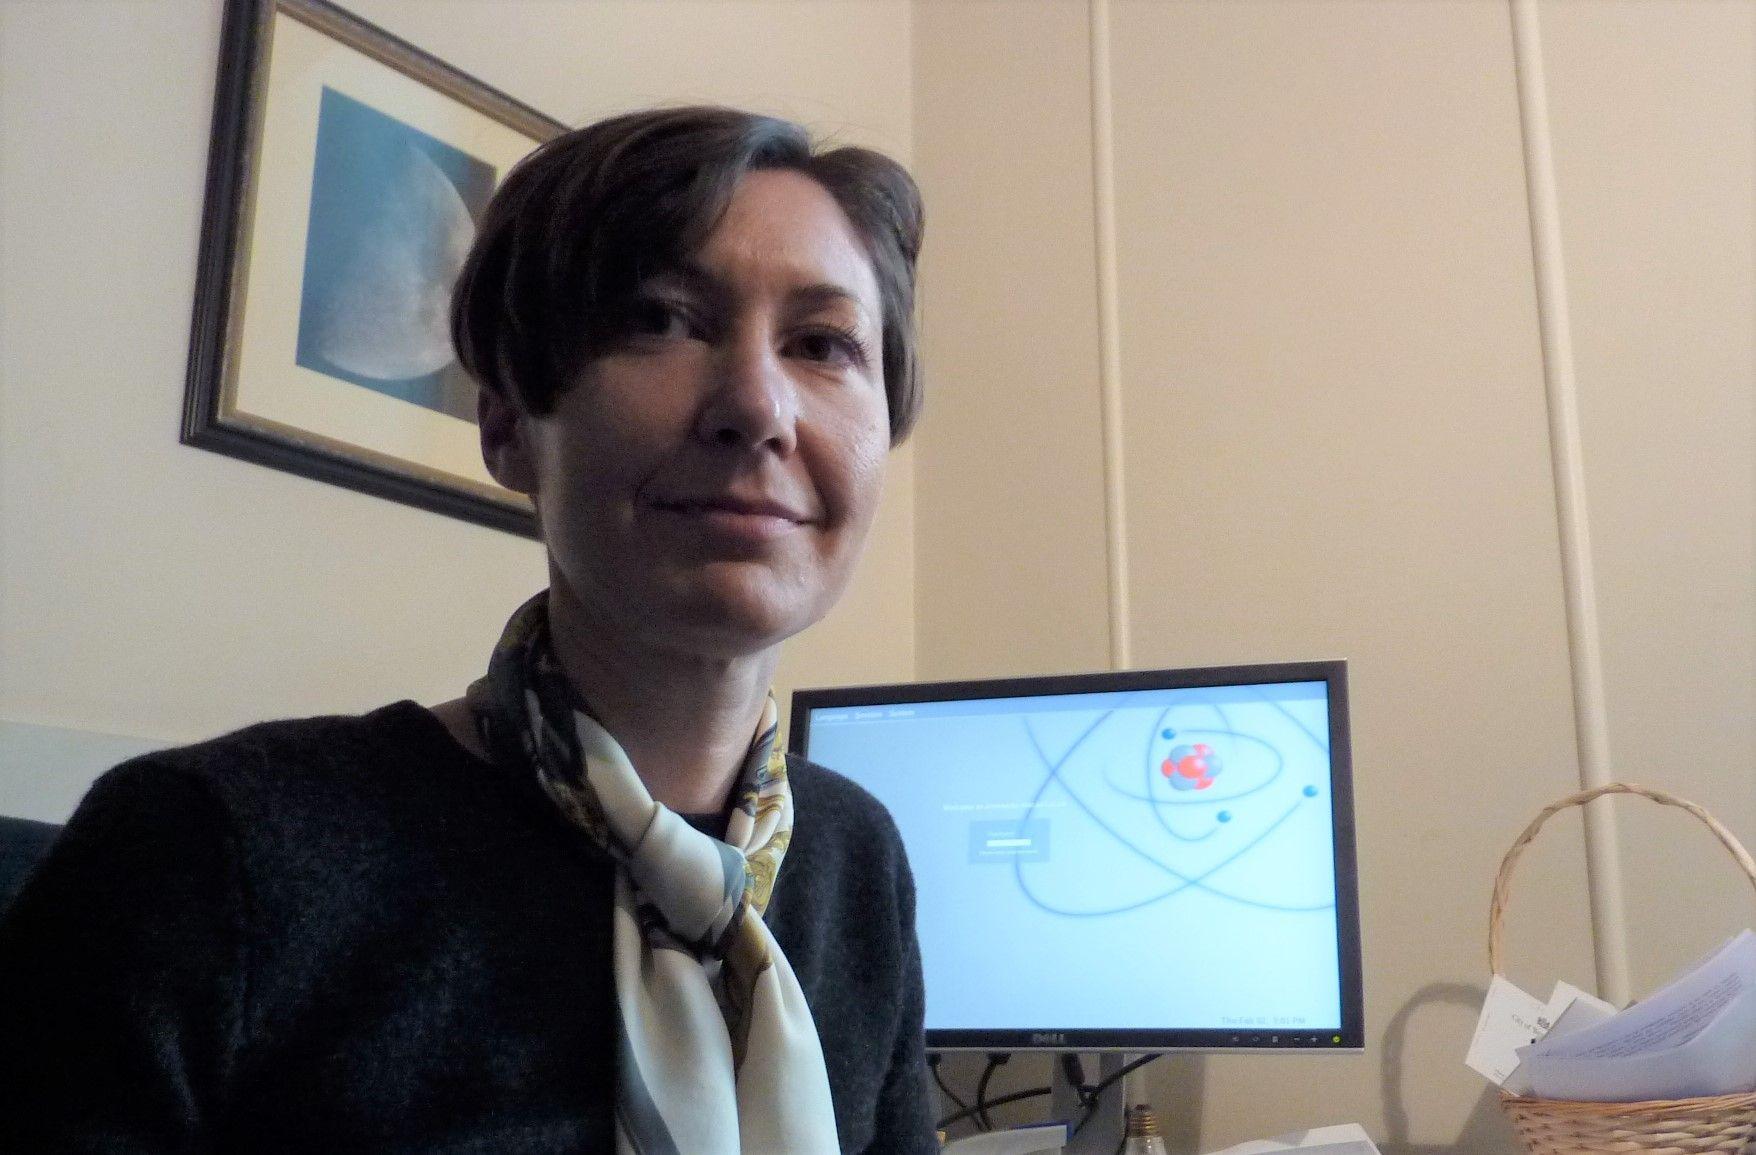 CASTELLAMONTE - Giovanna Tinetti, l'astrofisica che scopre nuovi pianeti, diventa cittadina onoraria